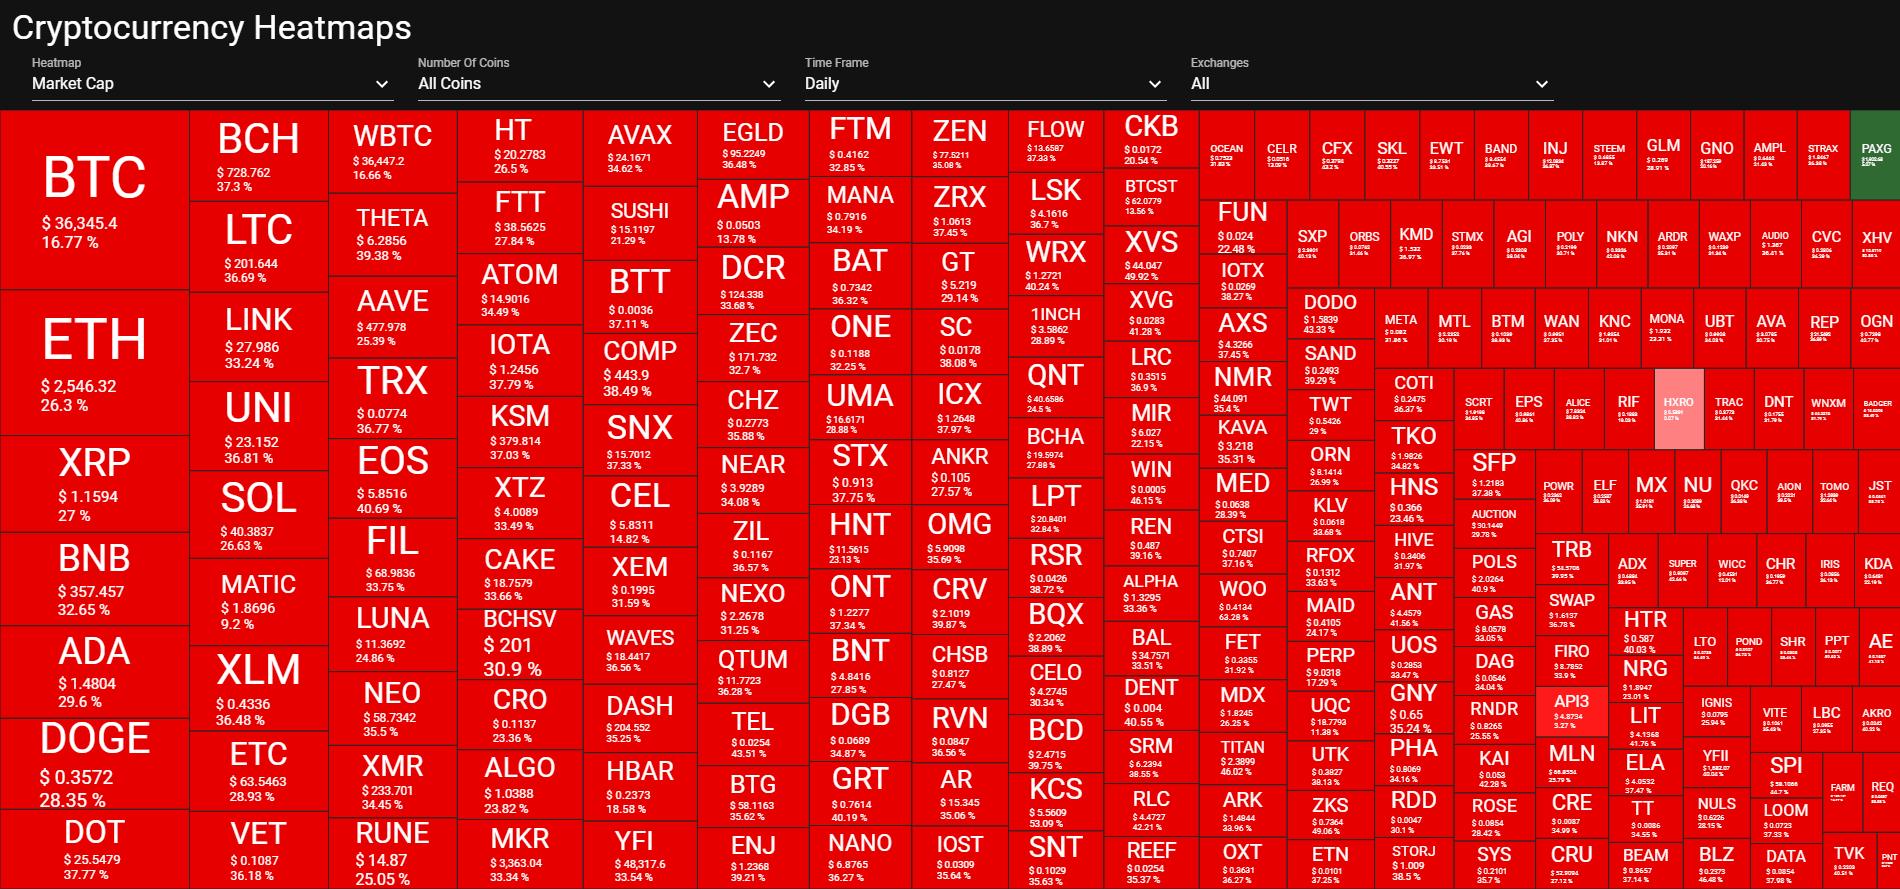 День падіння криптовалют: курс біткоїна опускався до $30 тисяч, у біржі Coinbase відключився сайт - tech, news, kryptovalyuta